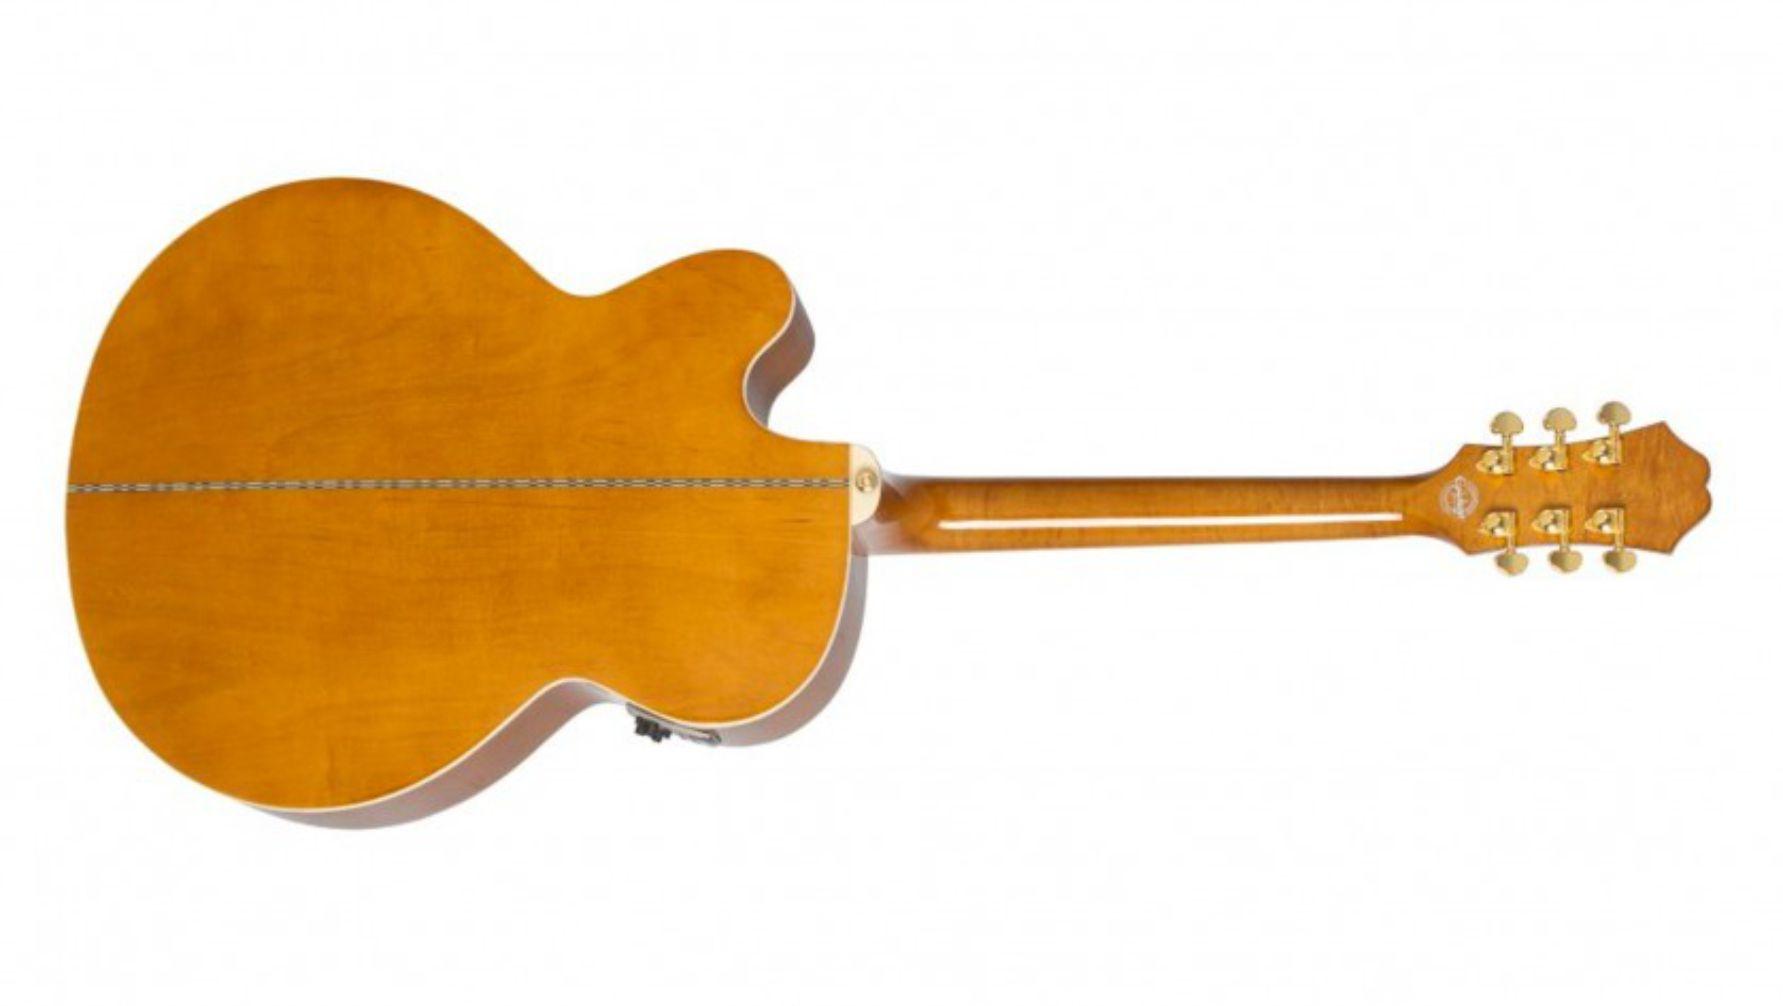 Violão Elétrico Epiphone Gold Solid Top Ej-200 Sce Vn - Vintage Natural